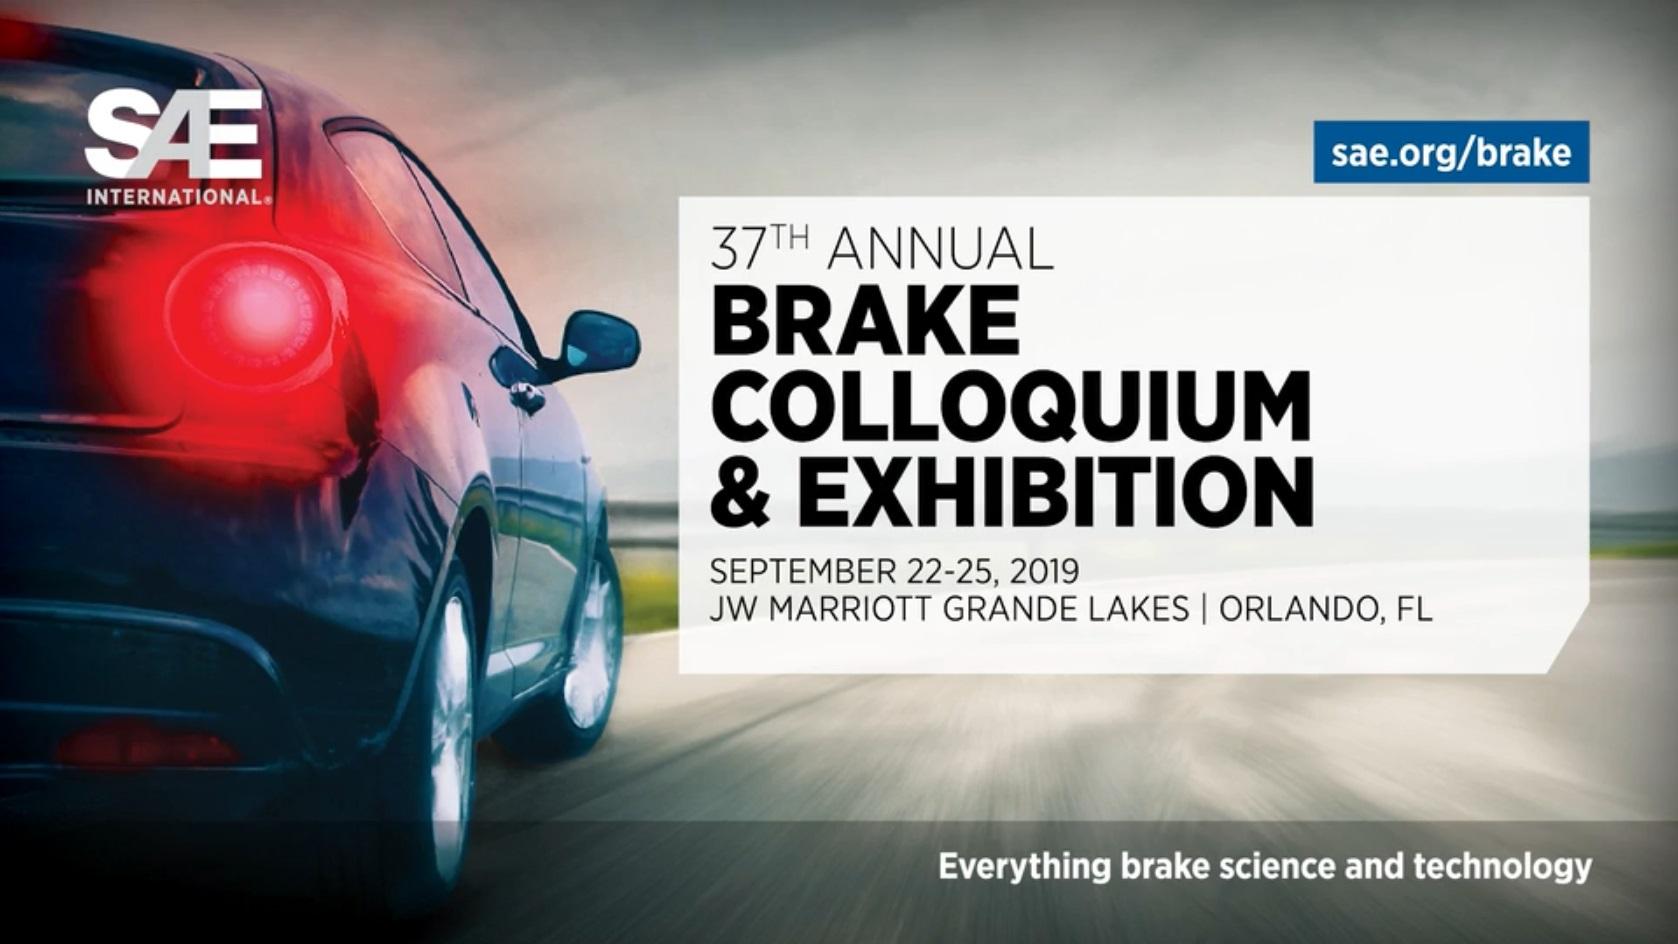 2019_09_16_14_33_03_Brake_Colloquium_Exhibition_36th_Annual